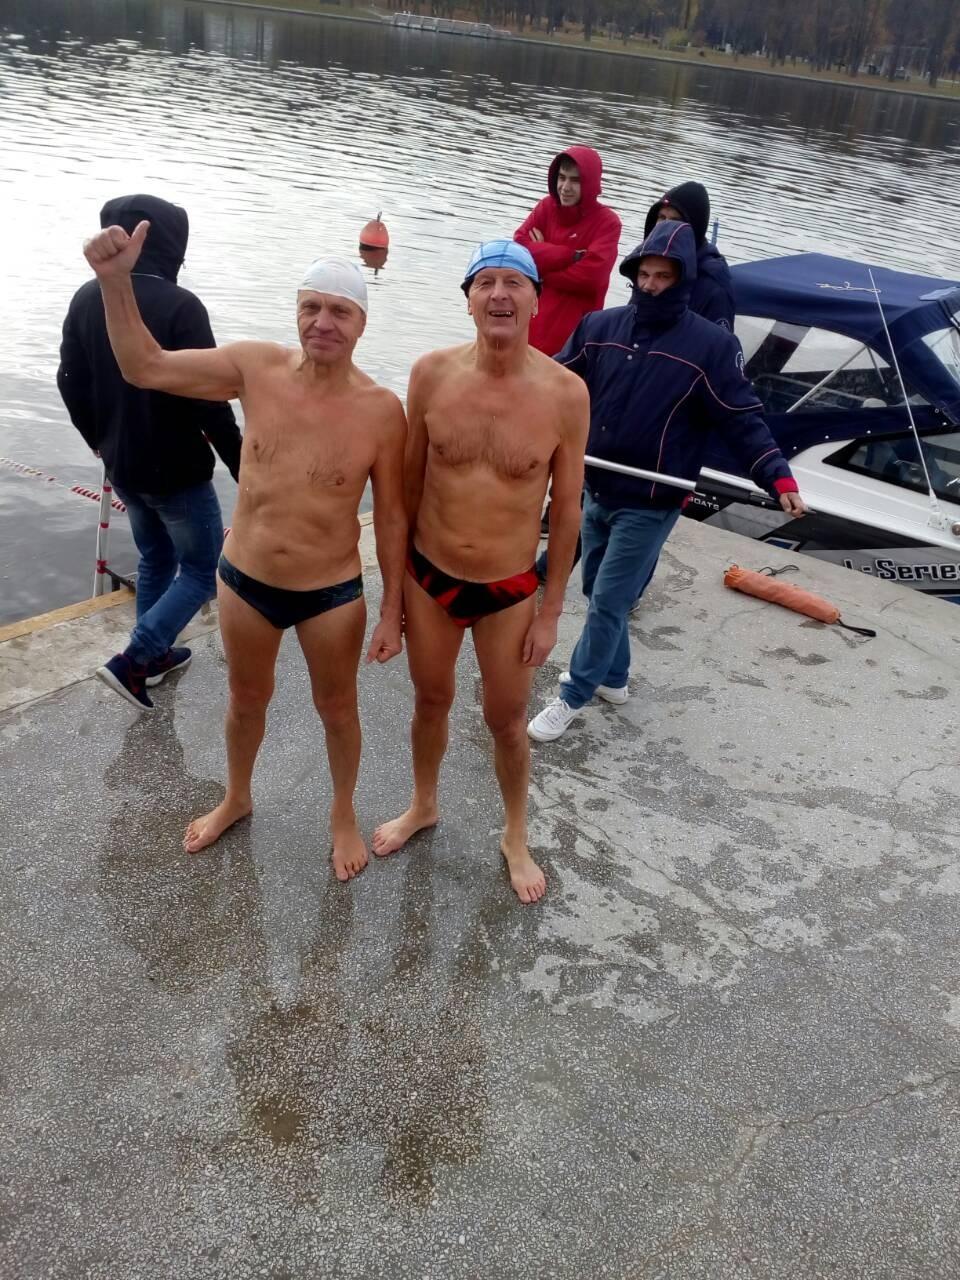 Председатель Брестского областного отделения Белорусской федерации закаливания и спортивного зимнего плавания Александр Кабанов (слева) и барановичский пловец Станислав Пивоваров.